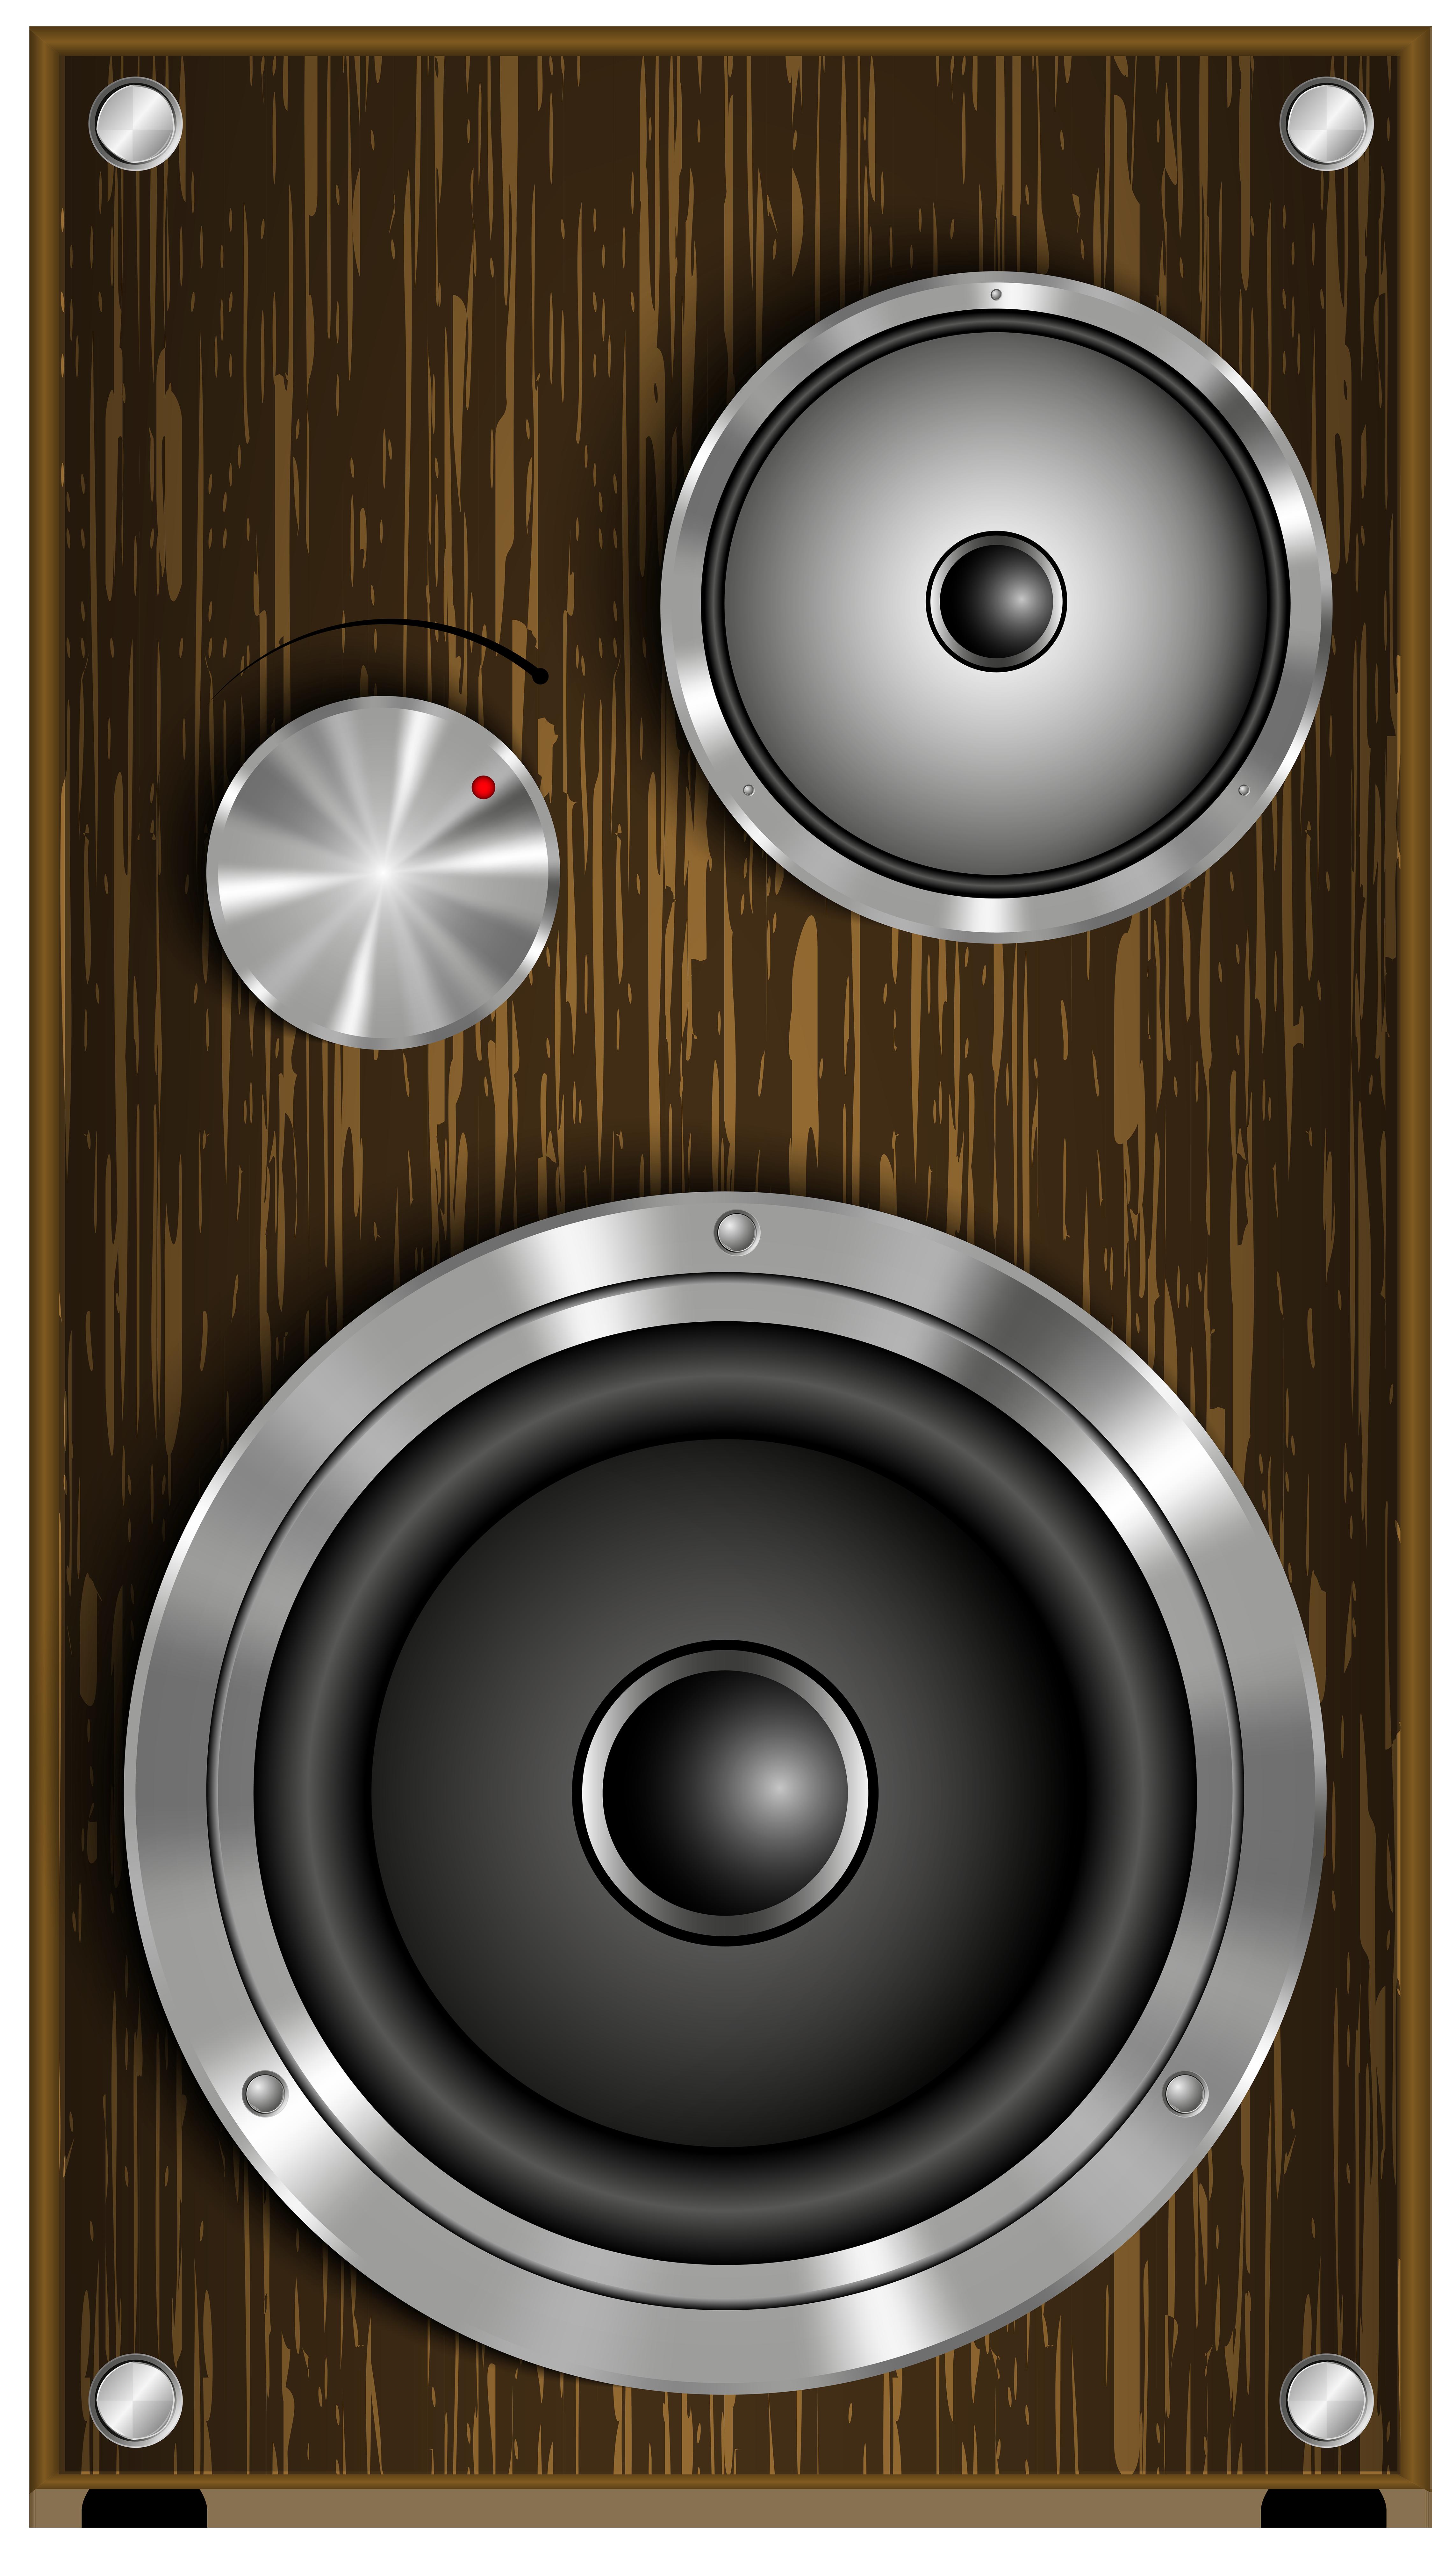 Speakers clipart music studio Yopriceville full Art High size